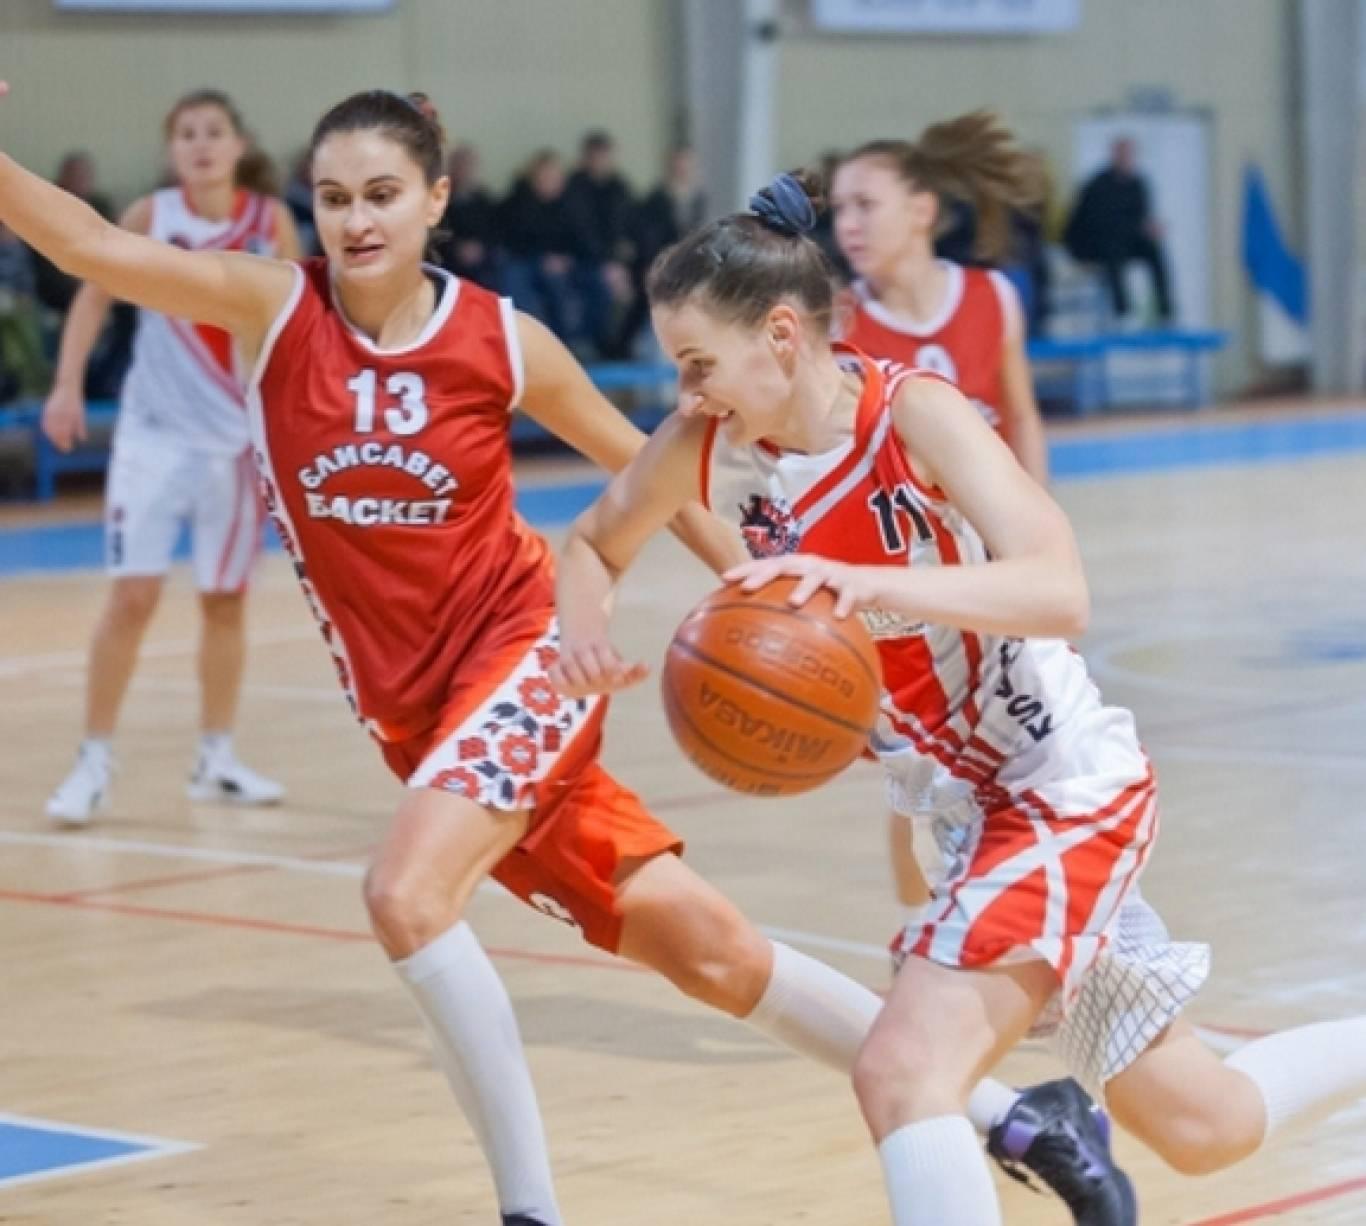 Чемпіонат міста серед жіночих команд з баскетболу